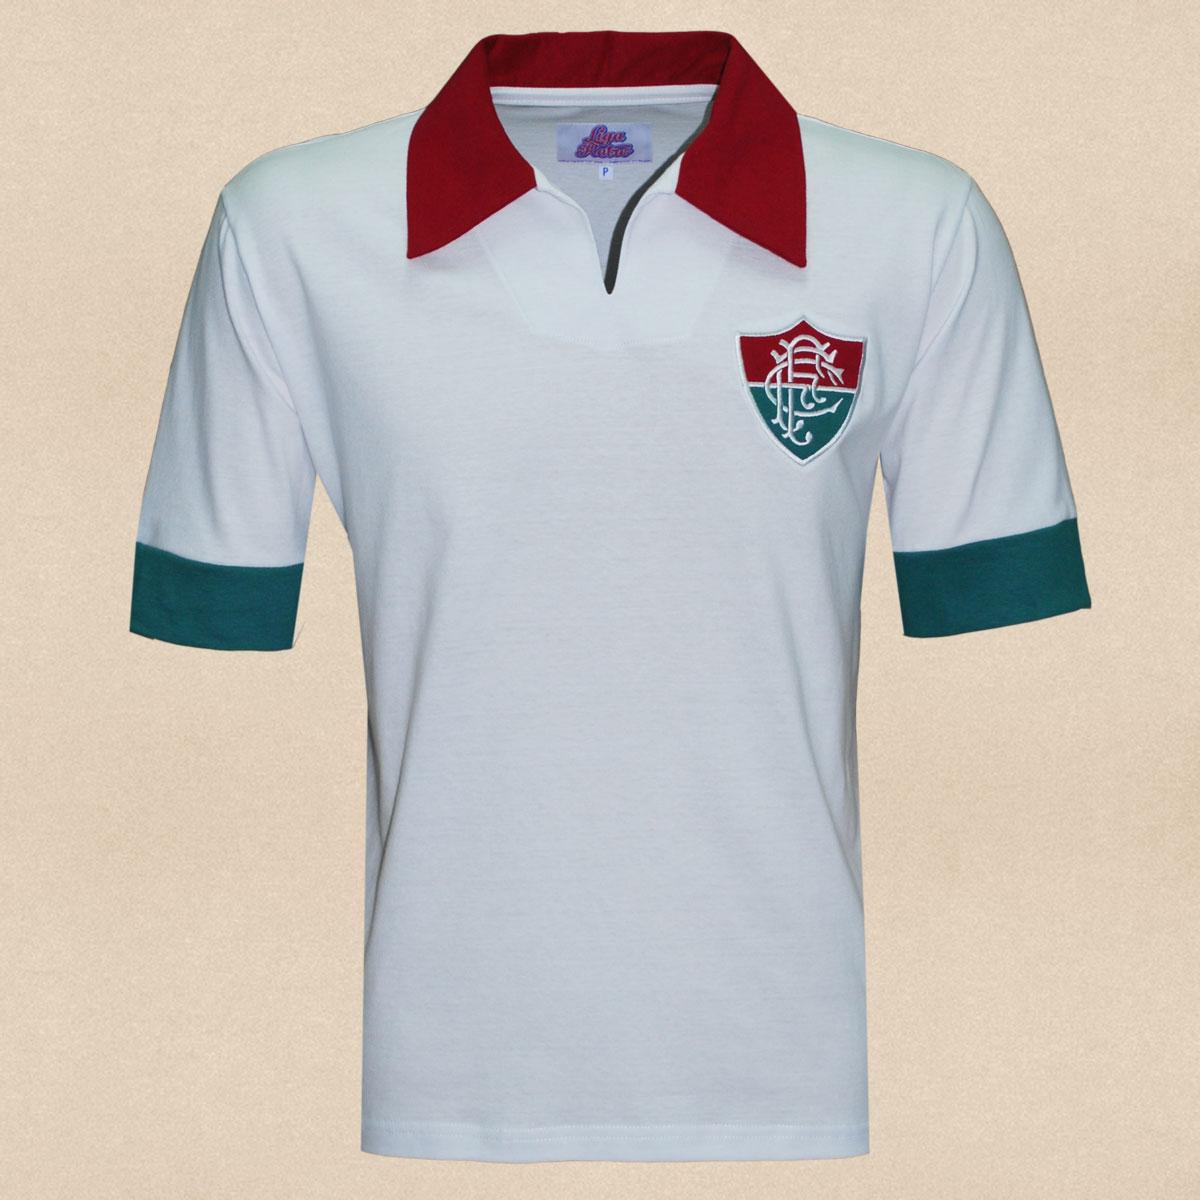 Camisa Fluminense 1964